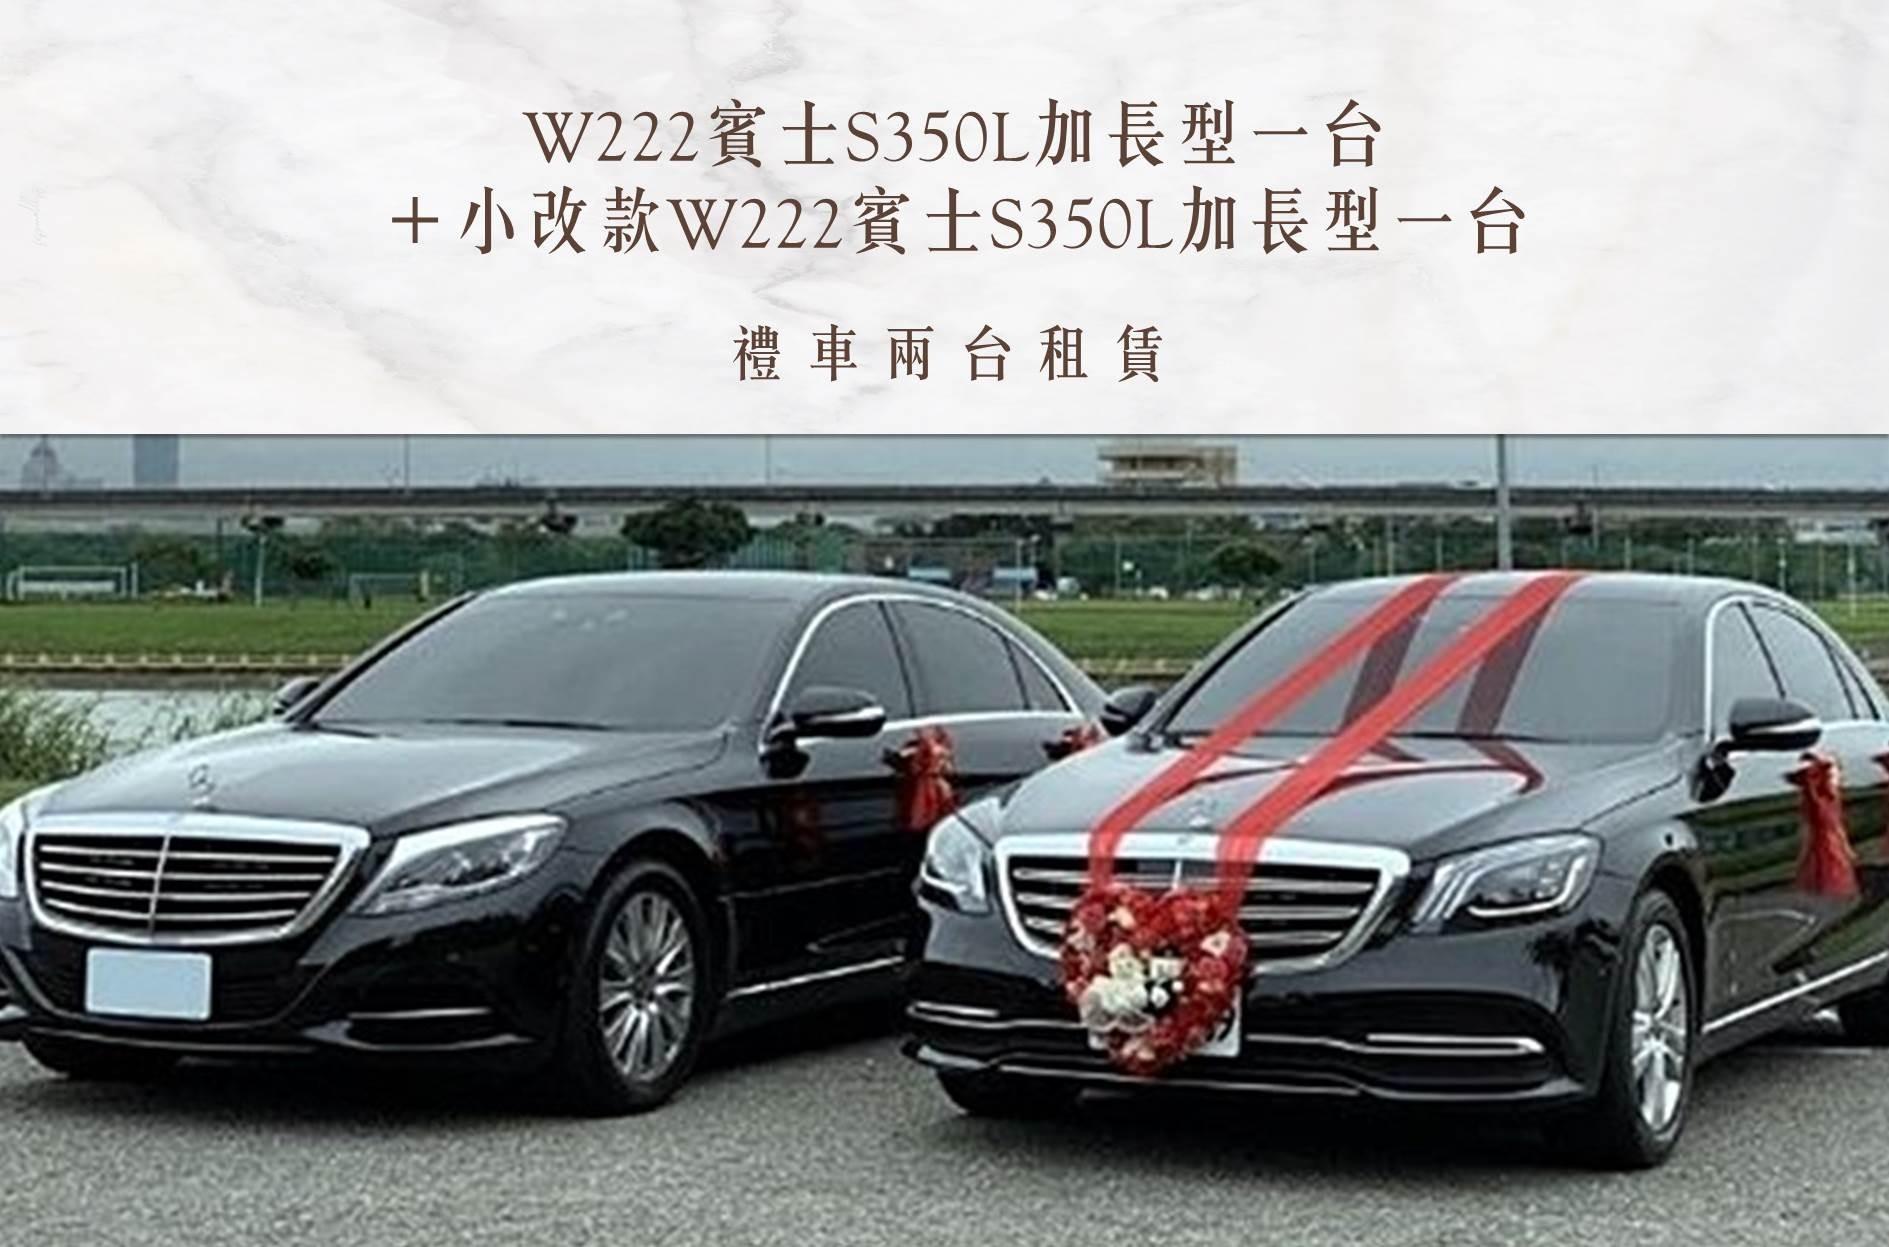 W222賓士S350L加長型一台+小改款W222賓士S350L加長型一台